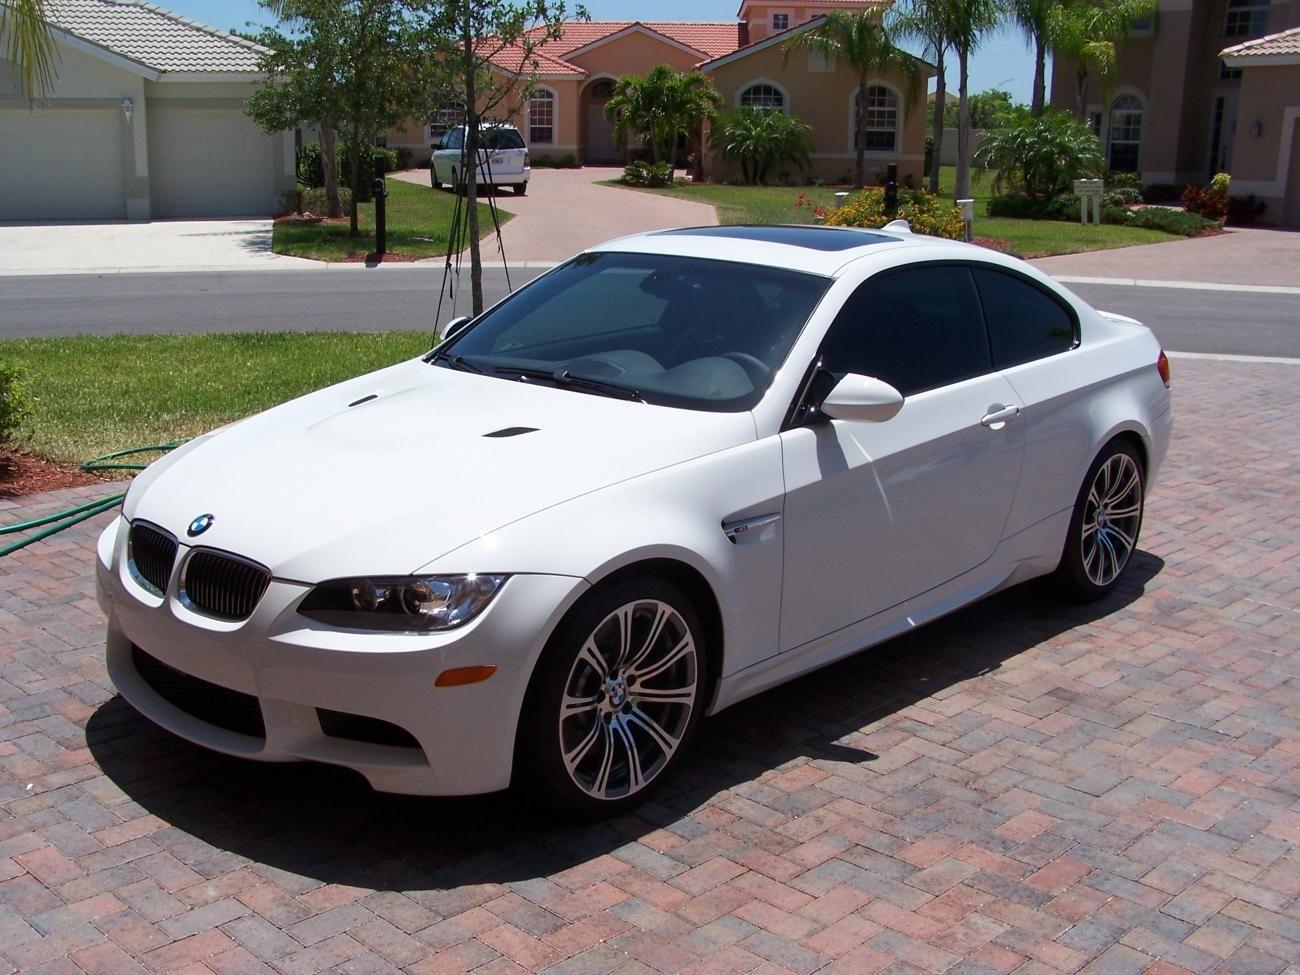 2011 White BMW M3